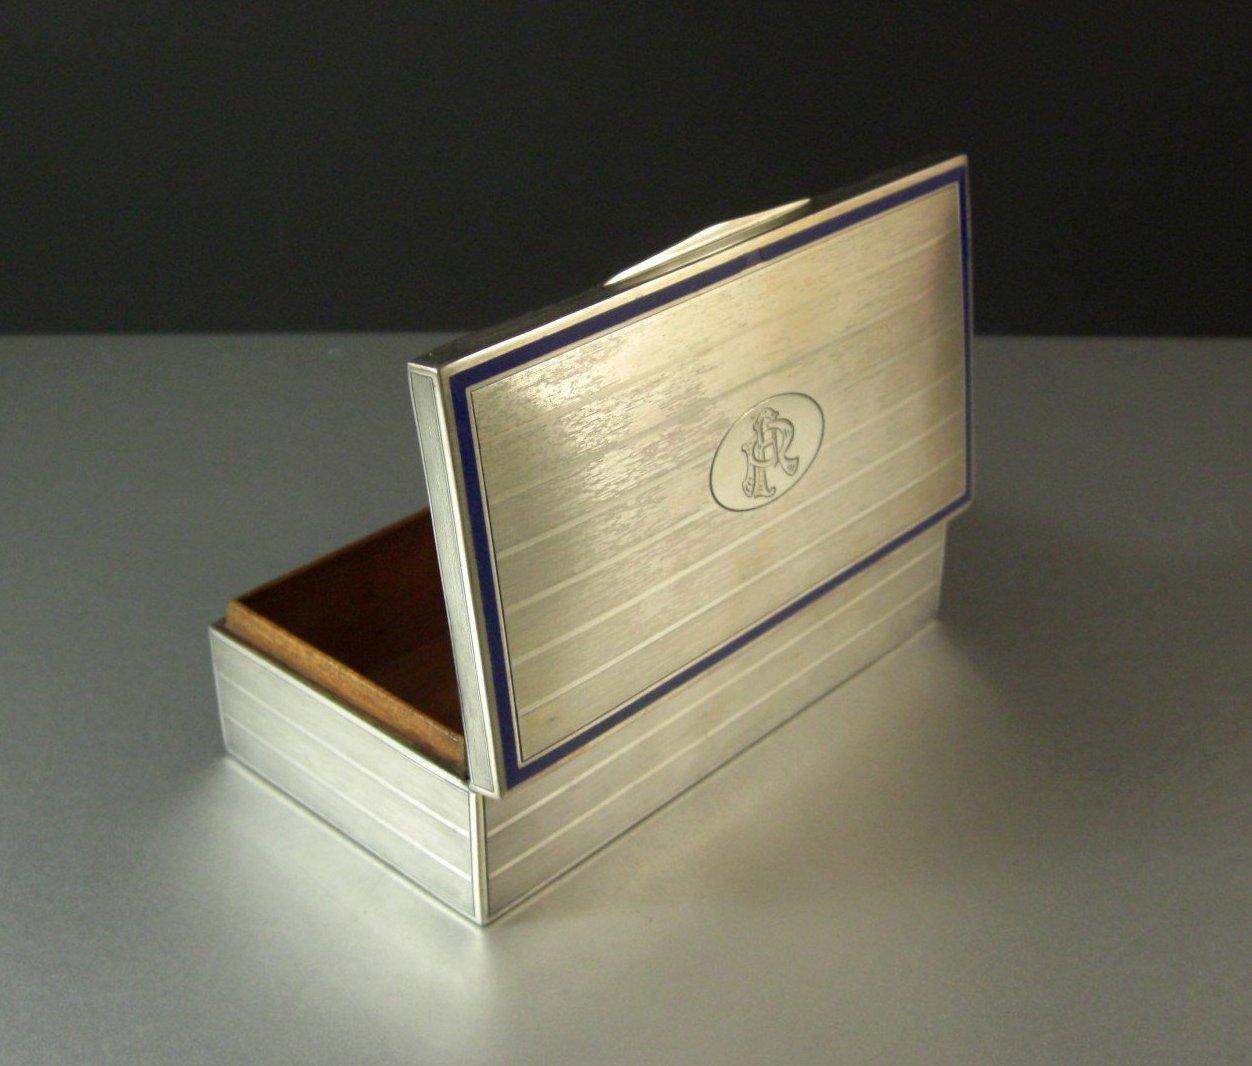 900 Silver Desk Trinket Jewelry Cigarette Box / Art Deco Design / Hallmarked / M